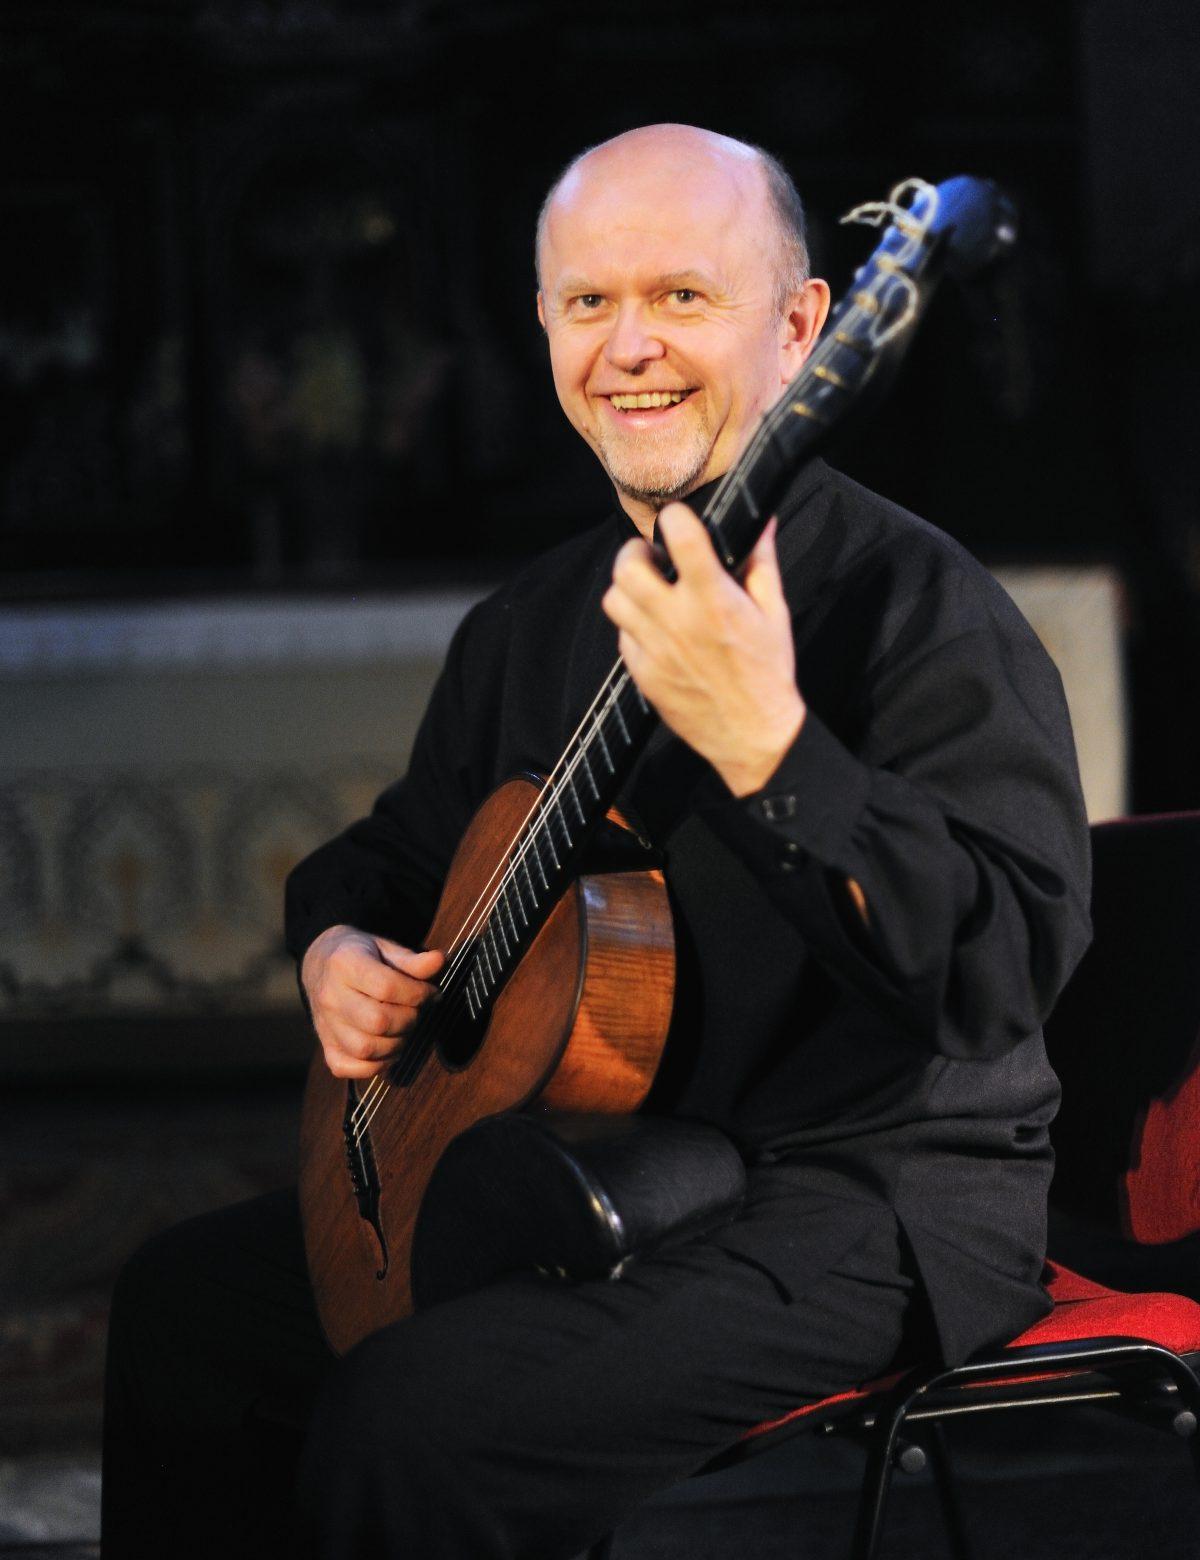 Pavel Steidl - klassisk gitarr.